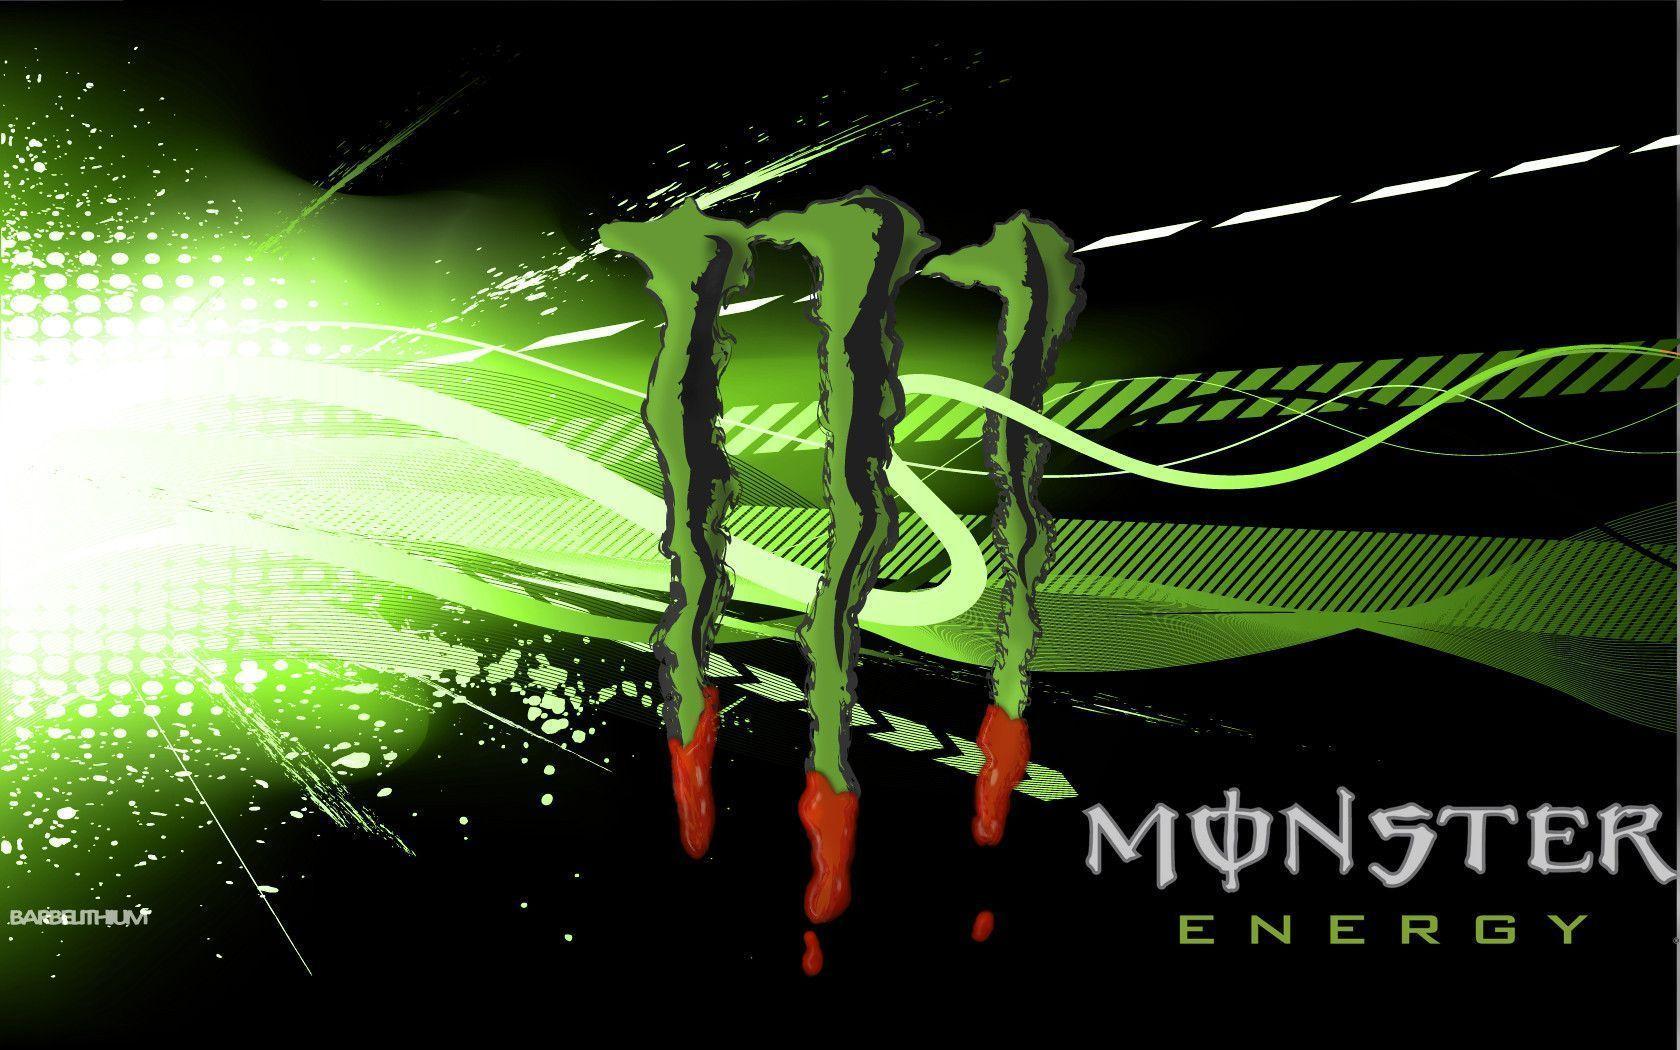 rasta monster energy wallpaper - photo #10